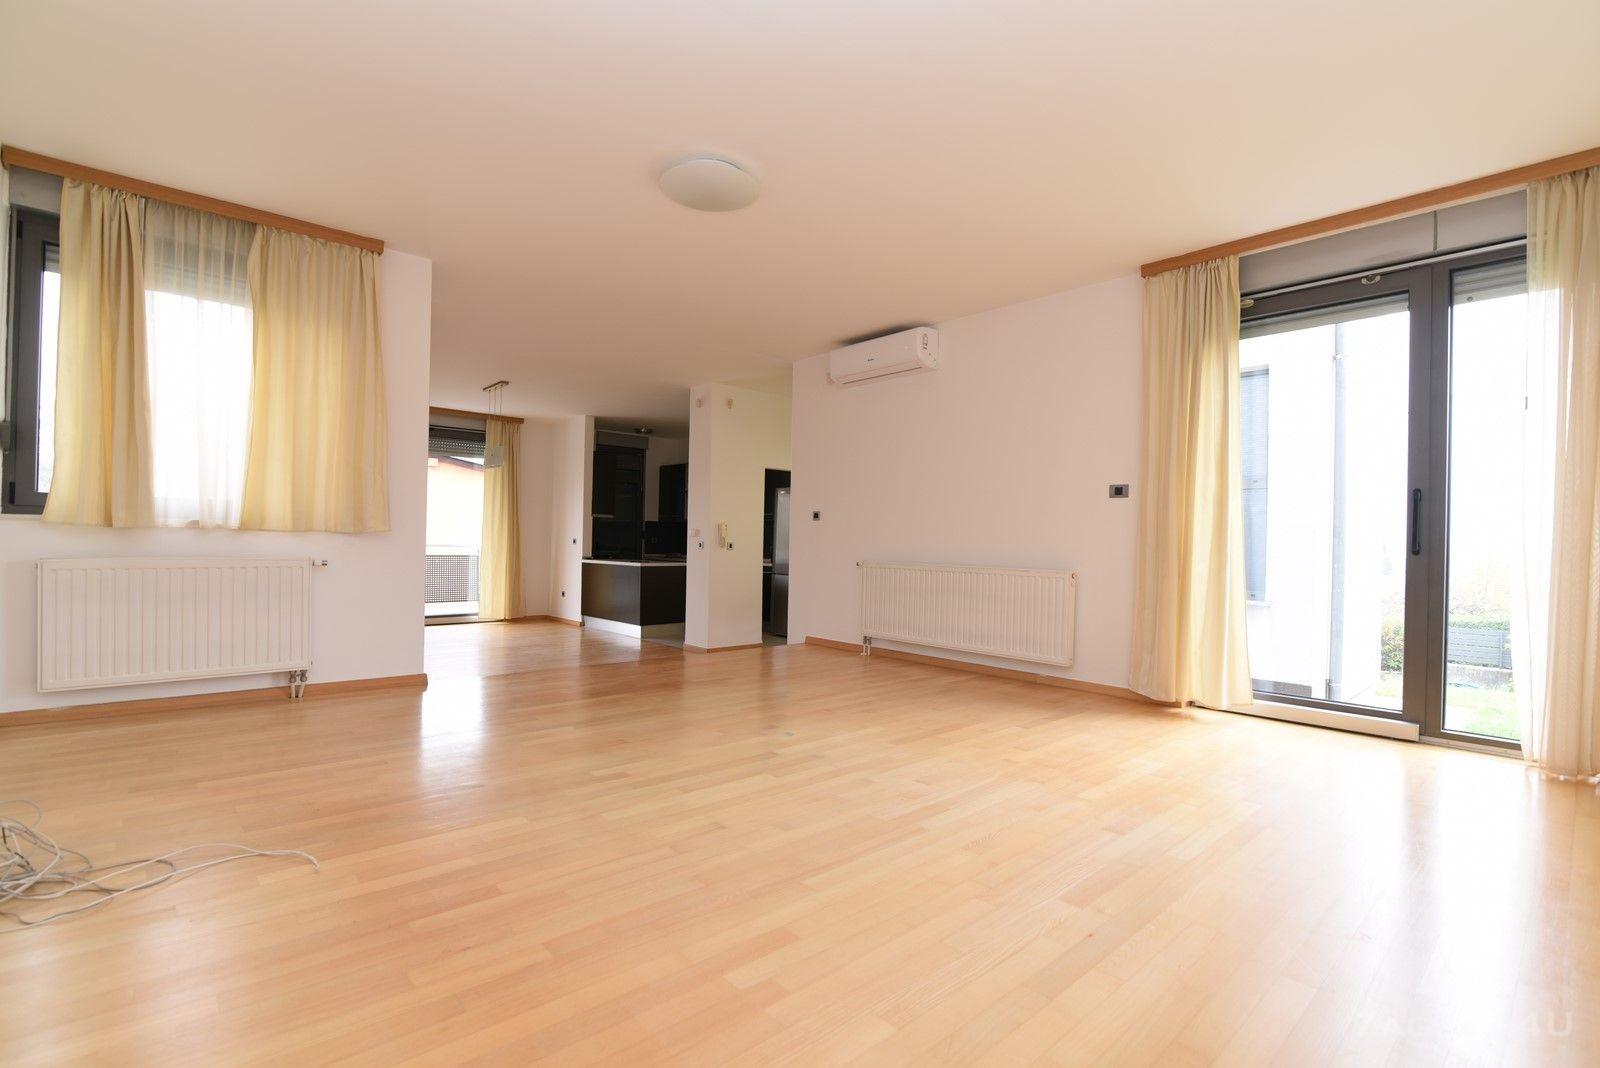 Zagreb - Gospočak - obiteljska kuća za najam (330 m2) sa garažom